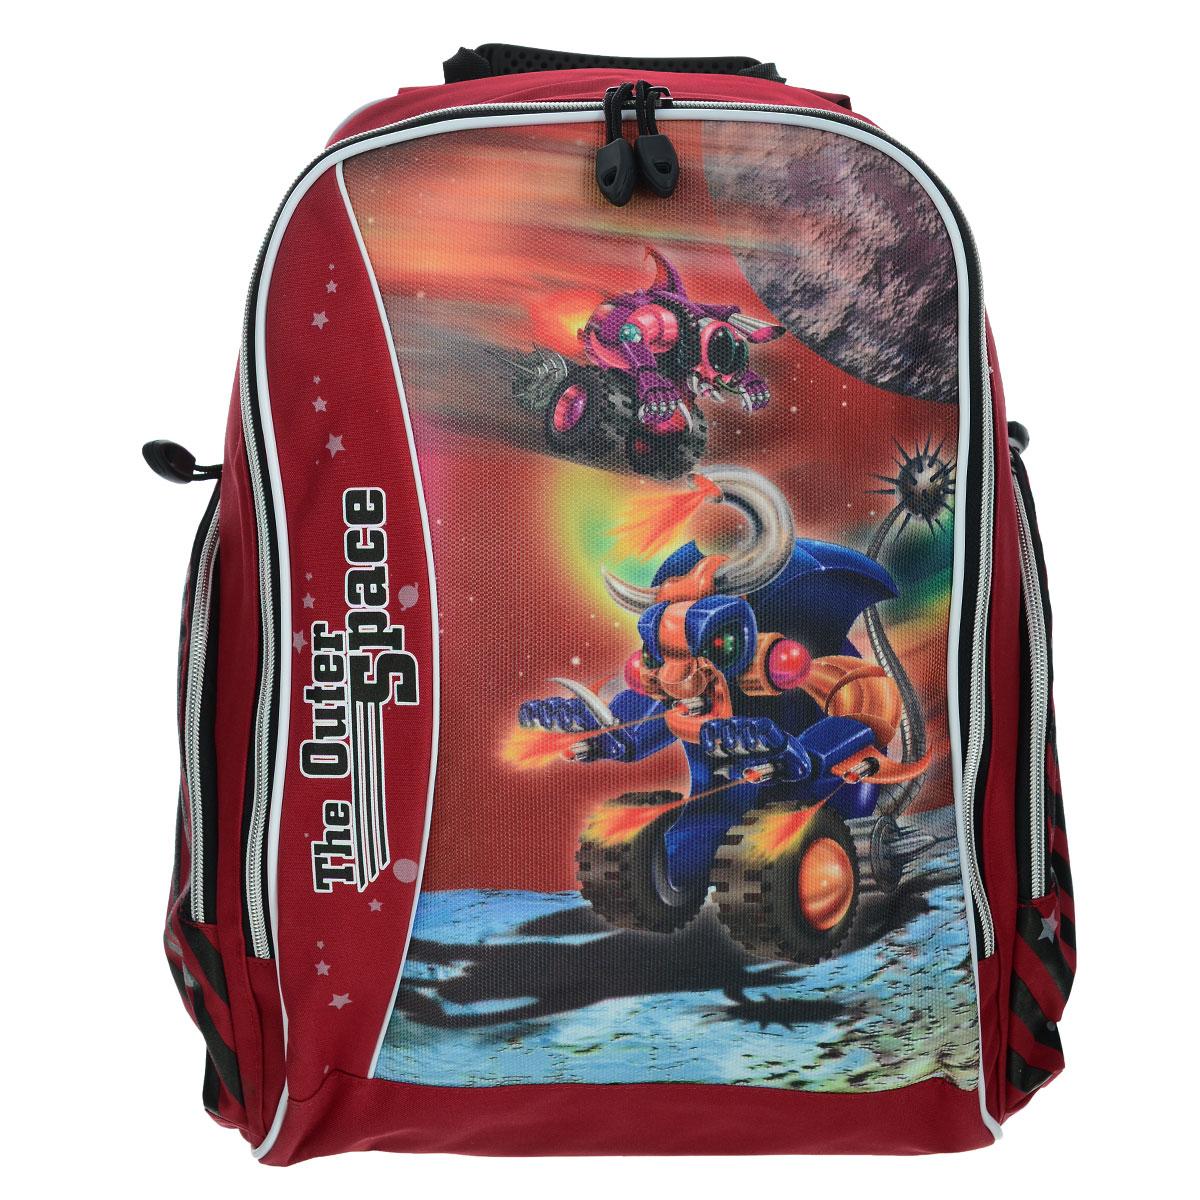 Рюкзак школьный Tiger The Outer Space,цвет: красный72523WDСтильный школьный рюкзак Tiger The Outer Space подойдет всем, кто хочет разнообразить свои школьные будни. Ранец, выполненный из антибактериального, водоотталкивающего и не выгорающего на солнце материала, оформлен изображением забавных машинок. Он имеет одно отделение, которое закрывается на застежку-молнию, три накладных кармана и разделитель. Благодаря анатомической рельефной спинке, повторяющей контур спины и двум эргономичным плечевым ремням, длина которых регулируется, у ребенка не возникнут проблемы с позвоночником. Многофункциональный школьный рюкзак Tiger The Outer Space, станет незаменимым спутником вашего ребенка в походах за знаниями.